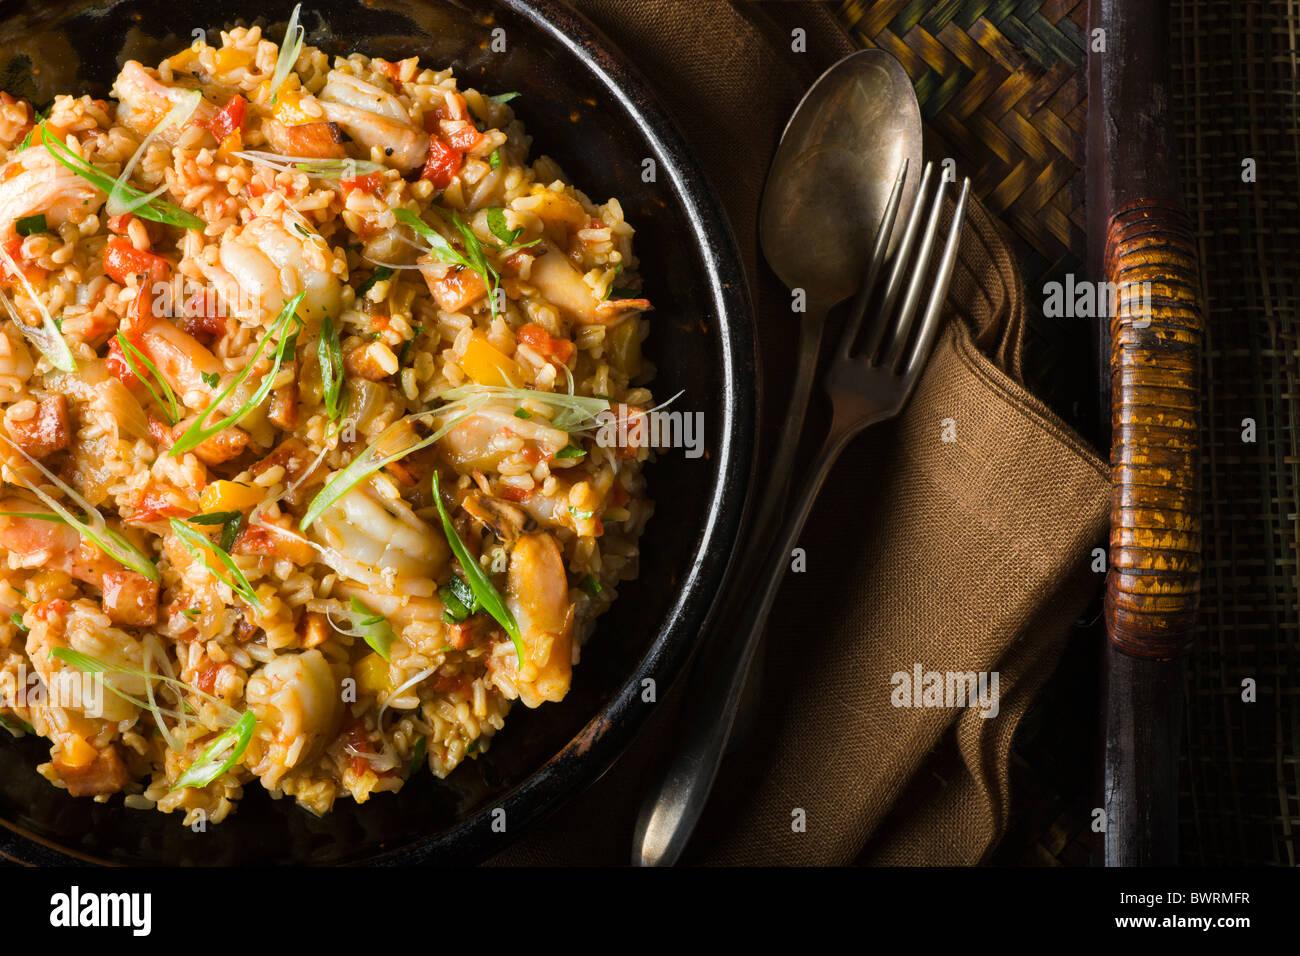 Brauner Reis mit Paprika, Tomaten, Schinken und Garnelen. Stockbild